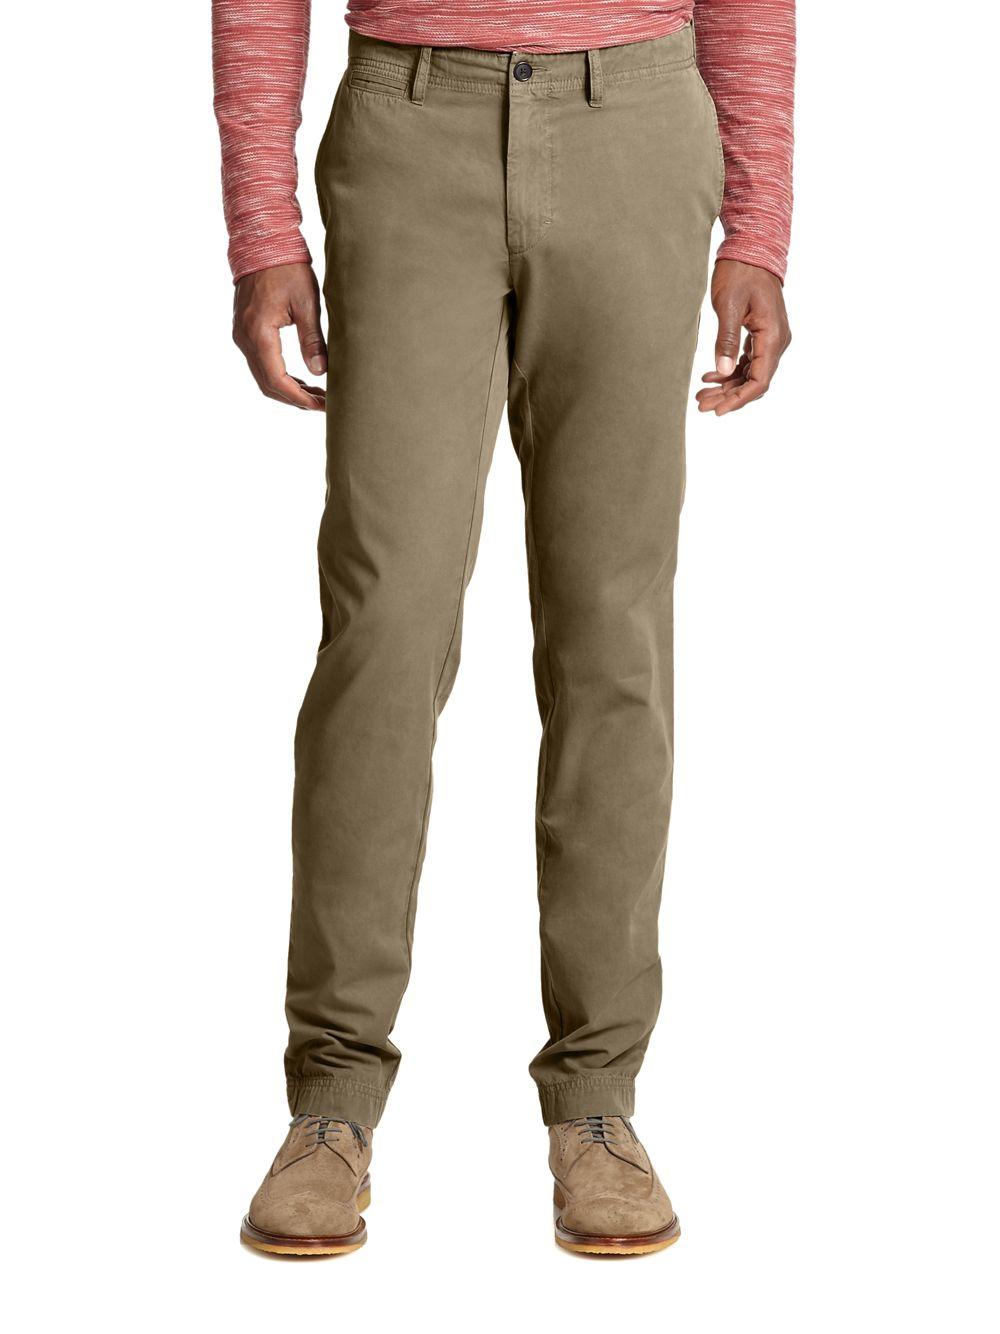 Free shipping and returns on Men's Green Pants at senonsdownload-gv.cf